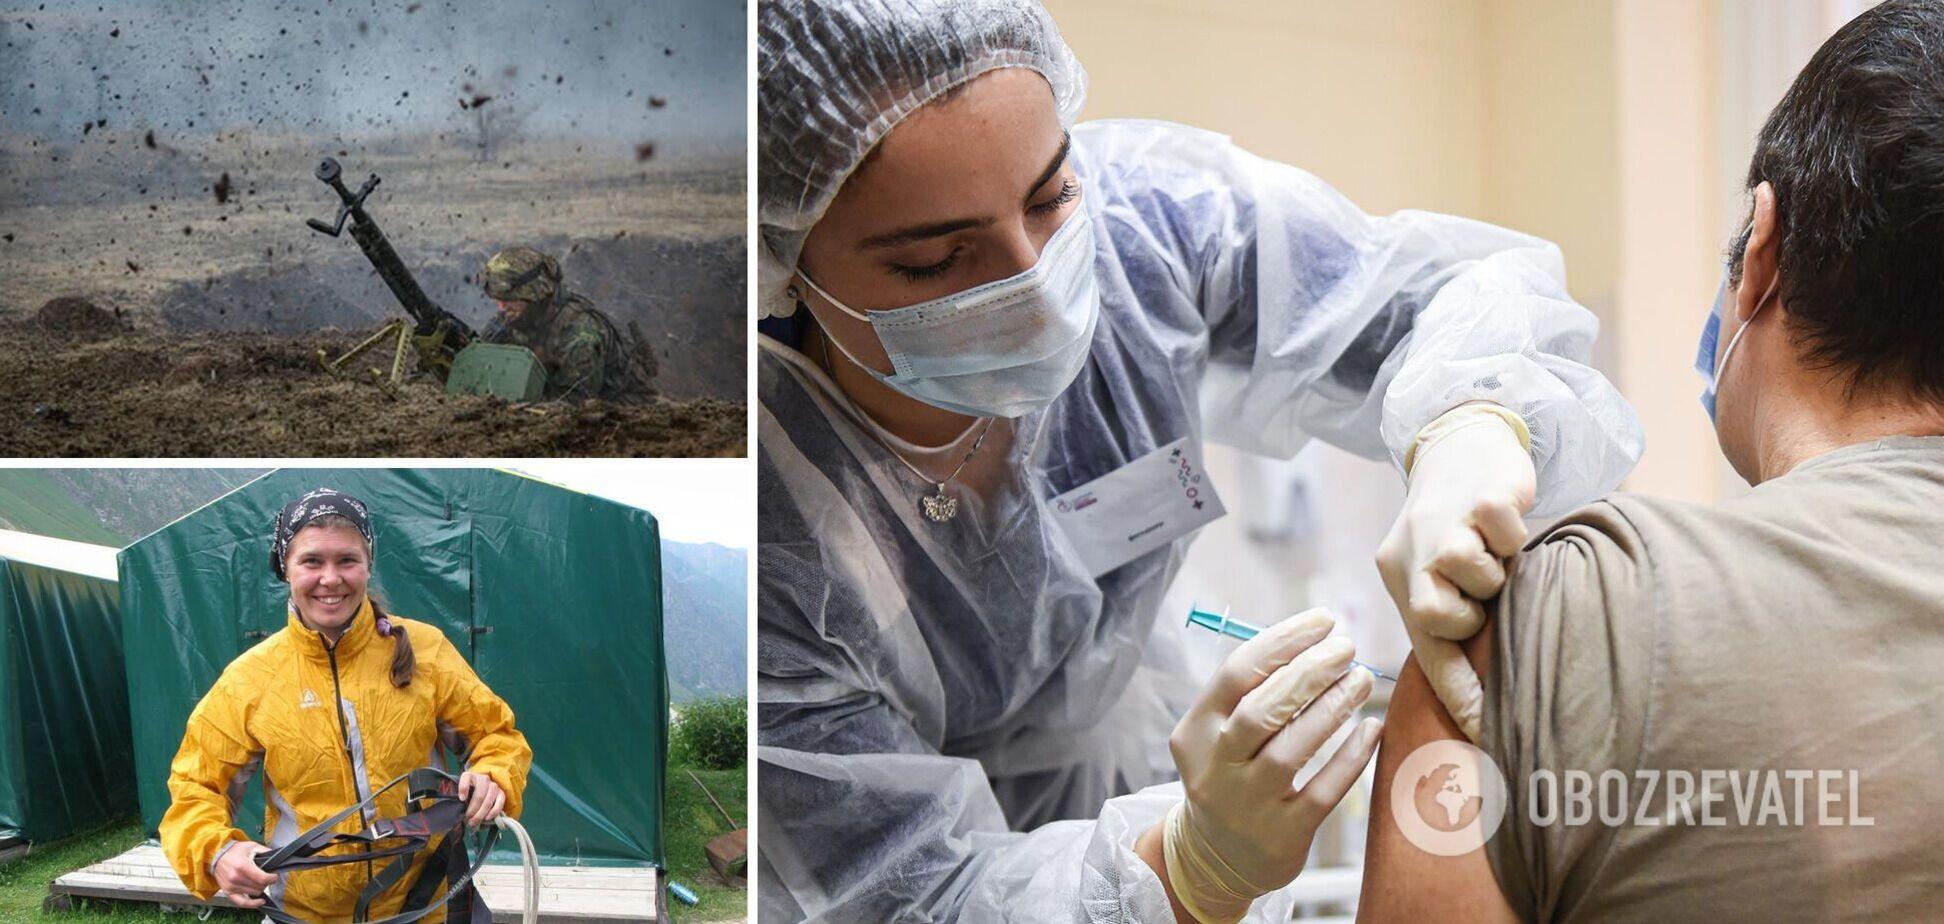 Новости Украины за 29 мая: в Киеве массово вакцинируют людей, а на Донбассе обстреляли украинских военных